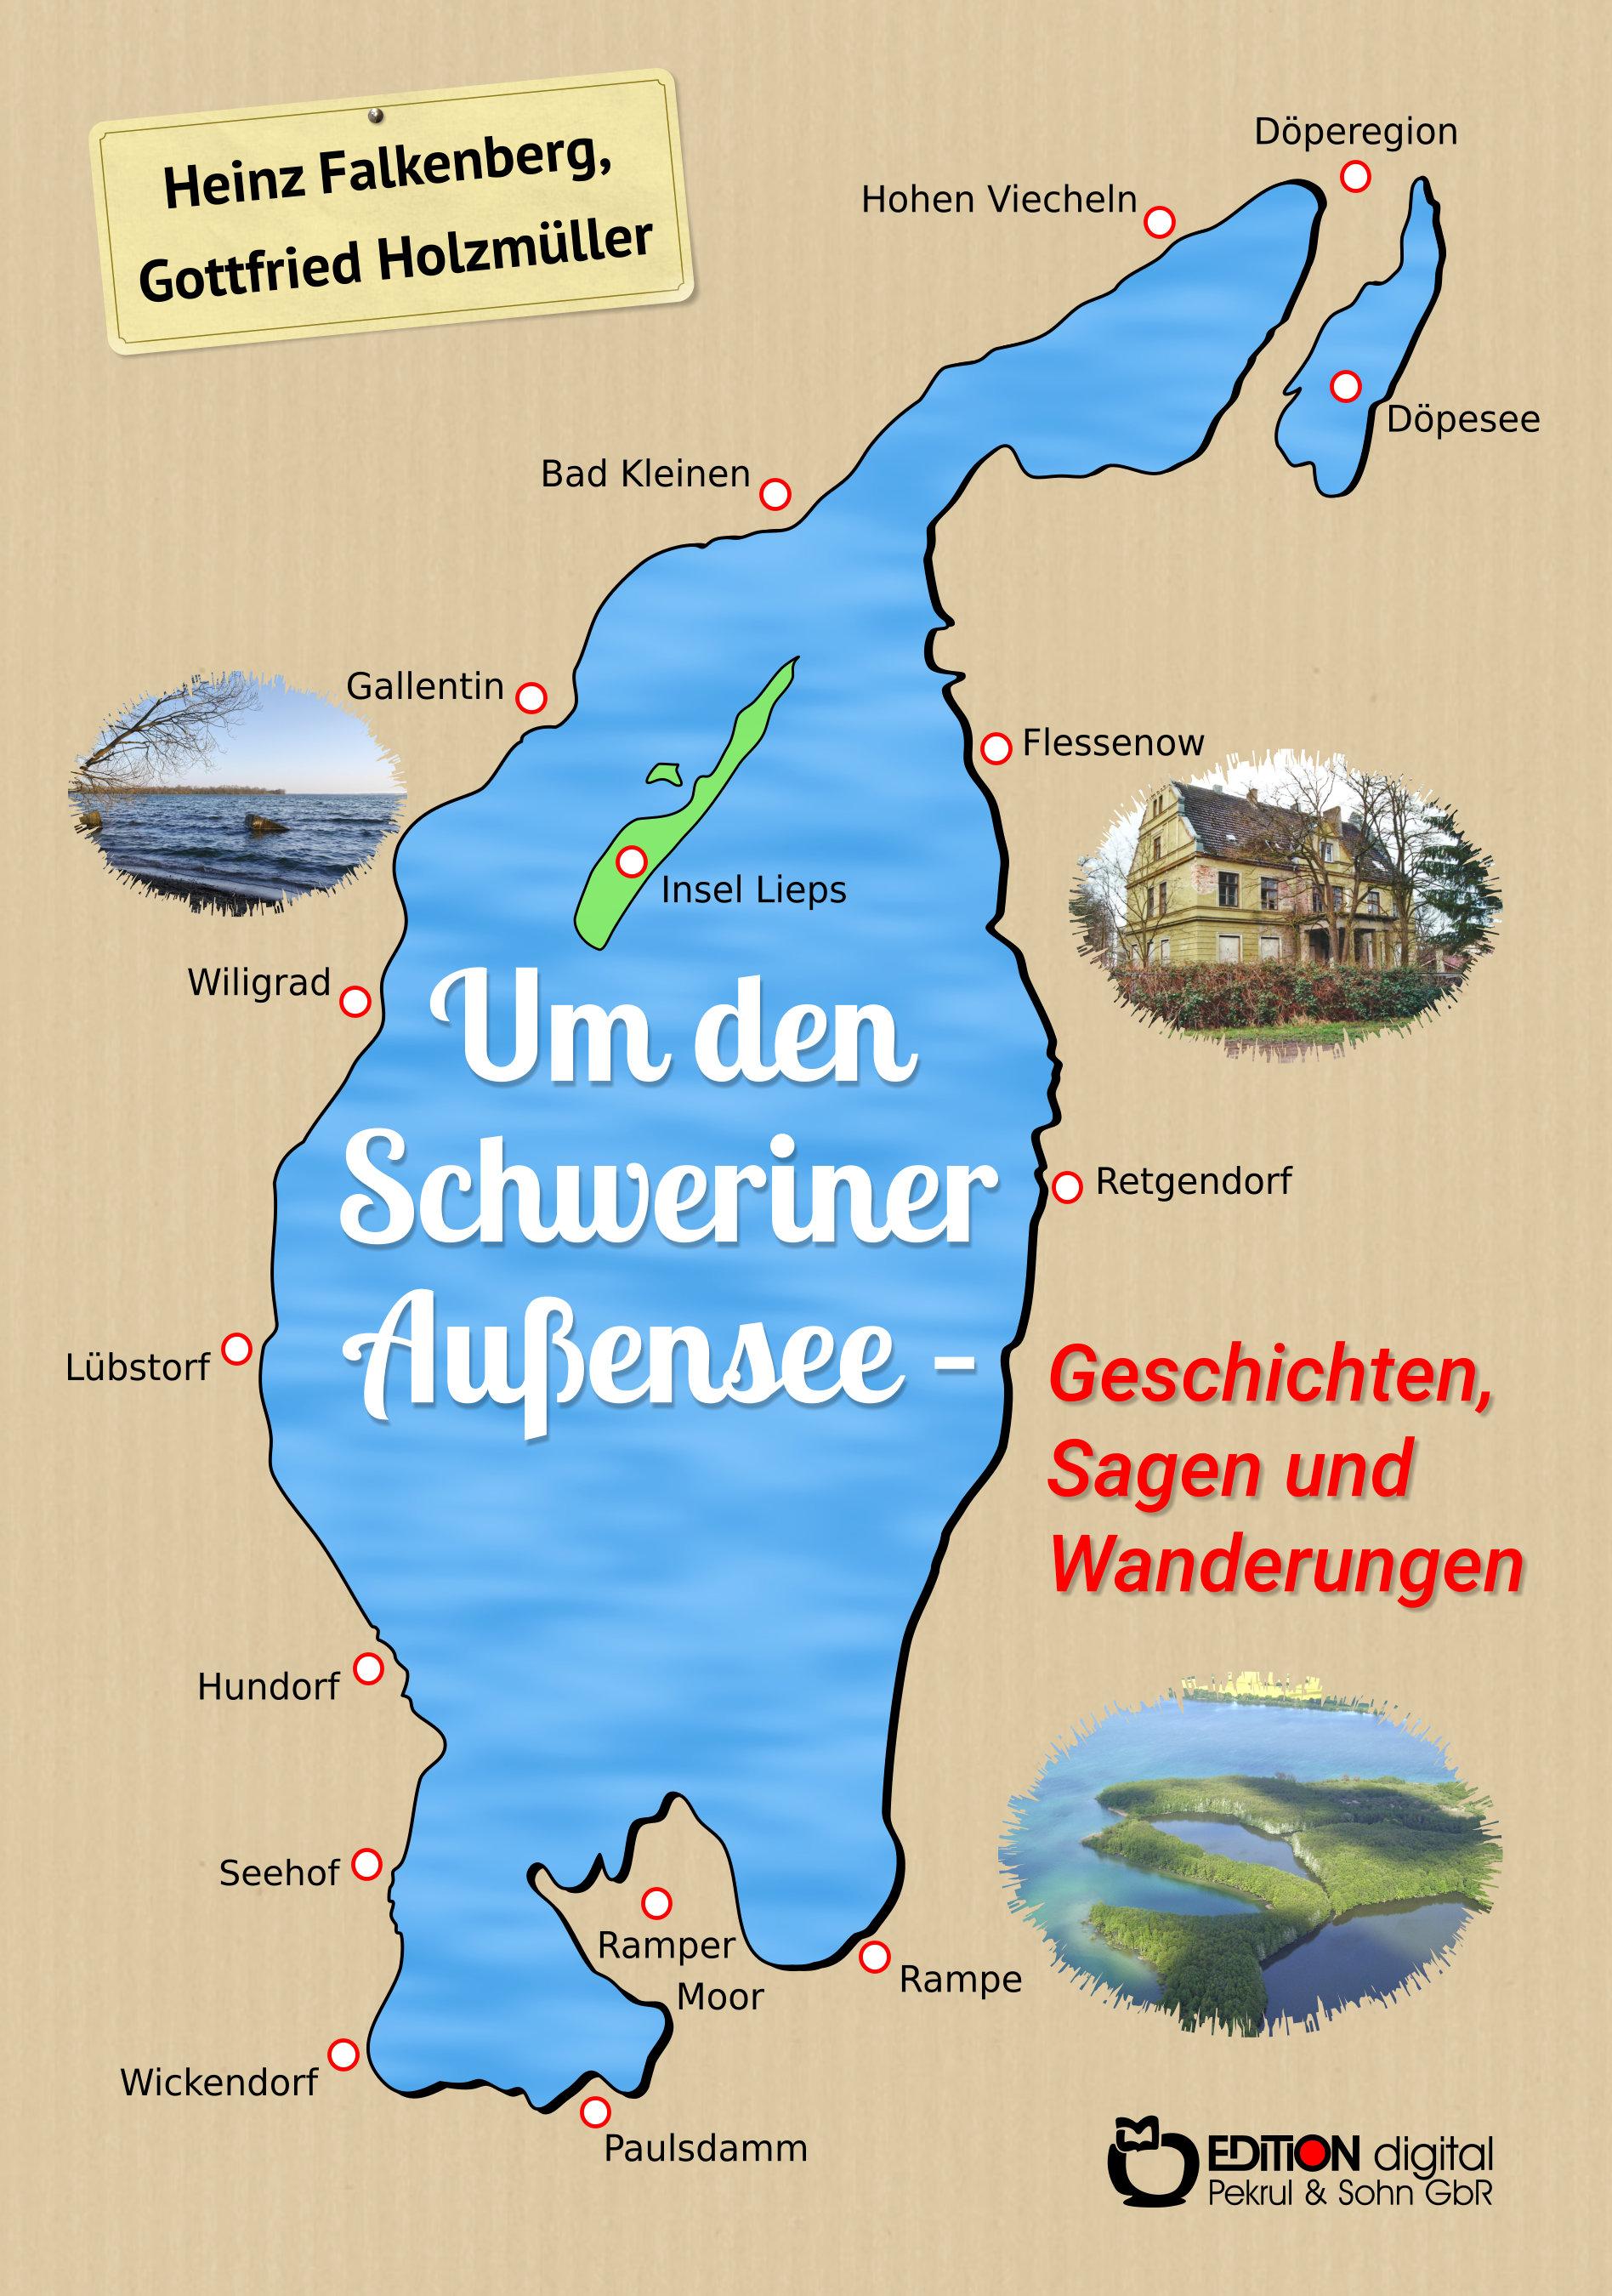 Um den Schweriner Außensee - Geschichten, Sagen und Wanderungen von Heinz Falkenberg, Gottfried Holzmüller